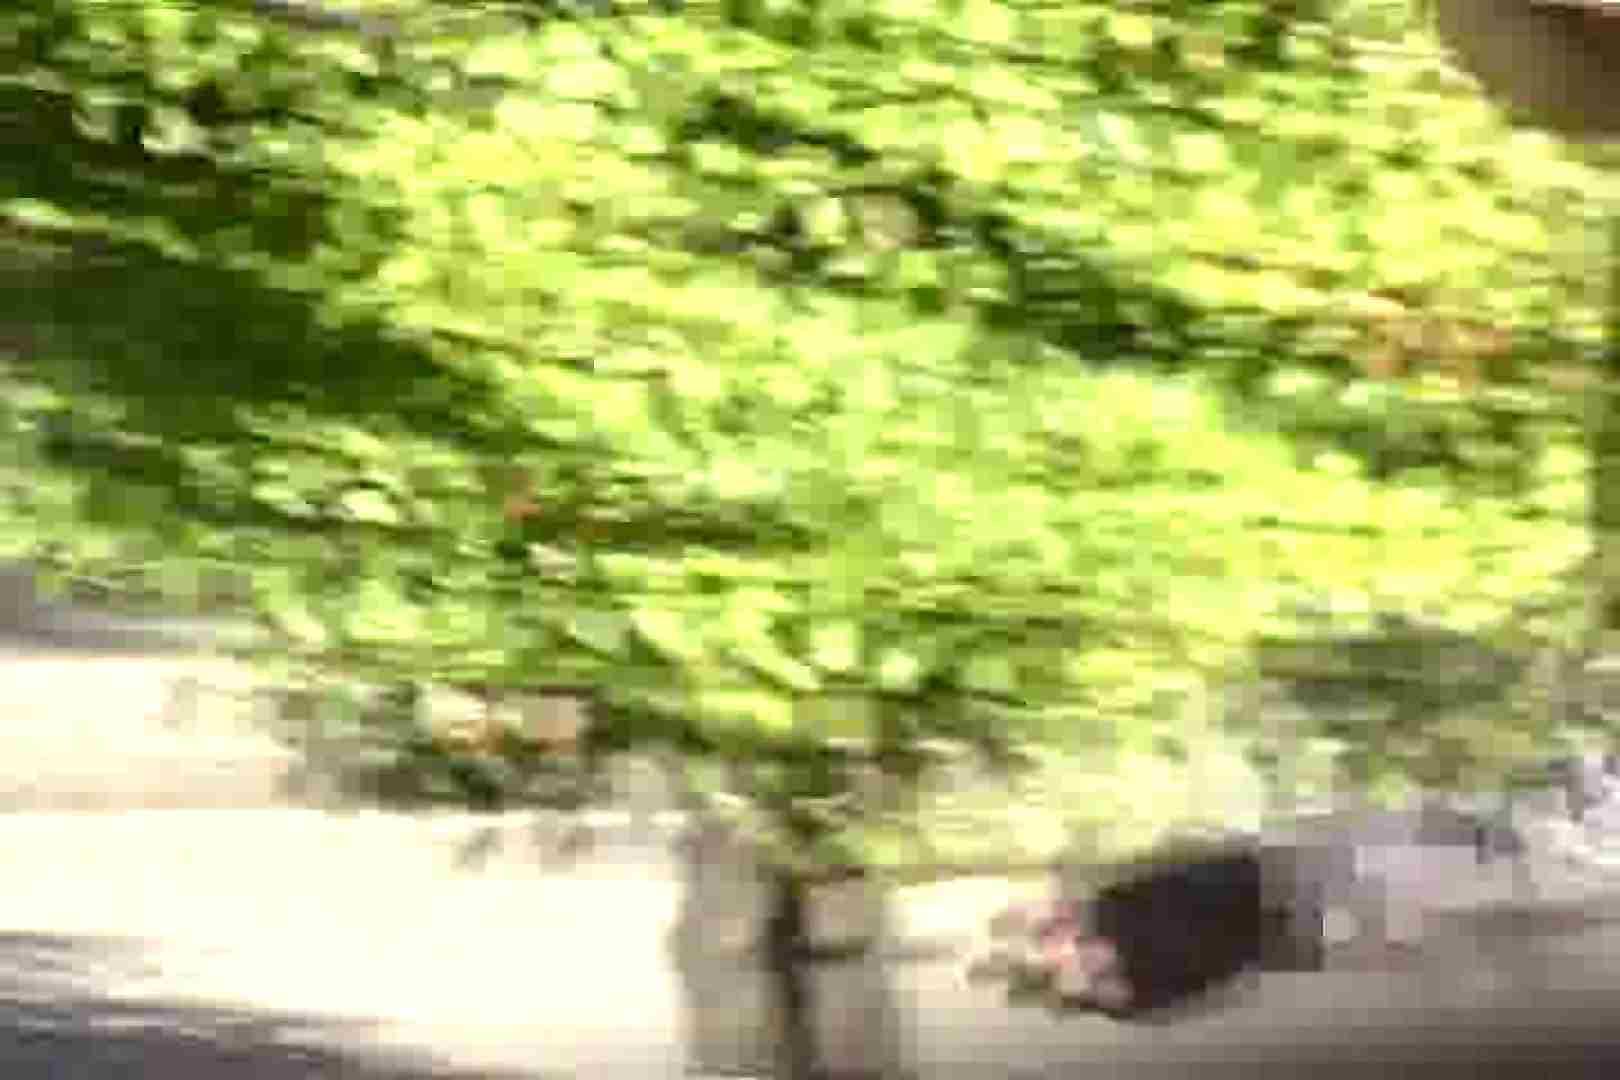 マンチラインパクトVol.9 ハプニング AV動画キャプチャ 90pic 34